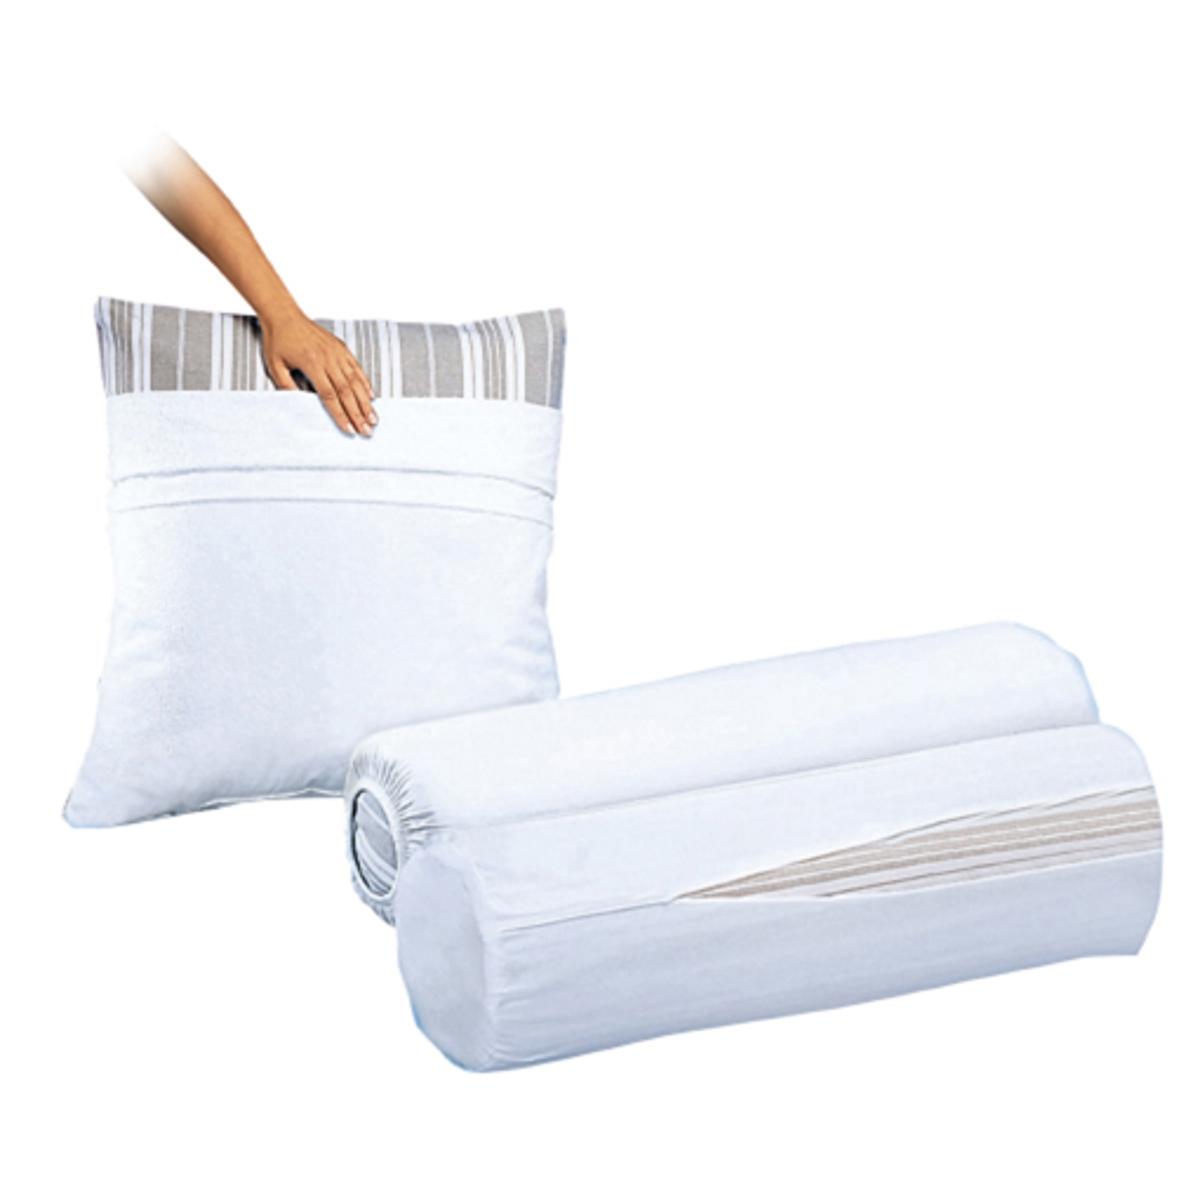 Комплект из 2 защитных чехлов на подушку из джерси, 100% хлопокЗащитные чехлы на подушку из джерси, 100% хлопок, идеальны для защиты Ваших подушек ! Покрой с запахом. Машинная стирка при 95 °С. В комплекте 2 защитных чехла на подушку.<br><br>Цвет: белый<br>Размер: 50 x 70  см.63 x 63  см